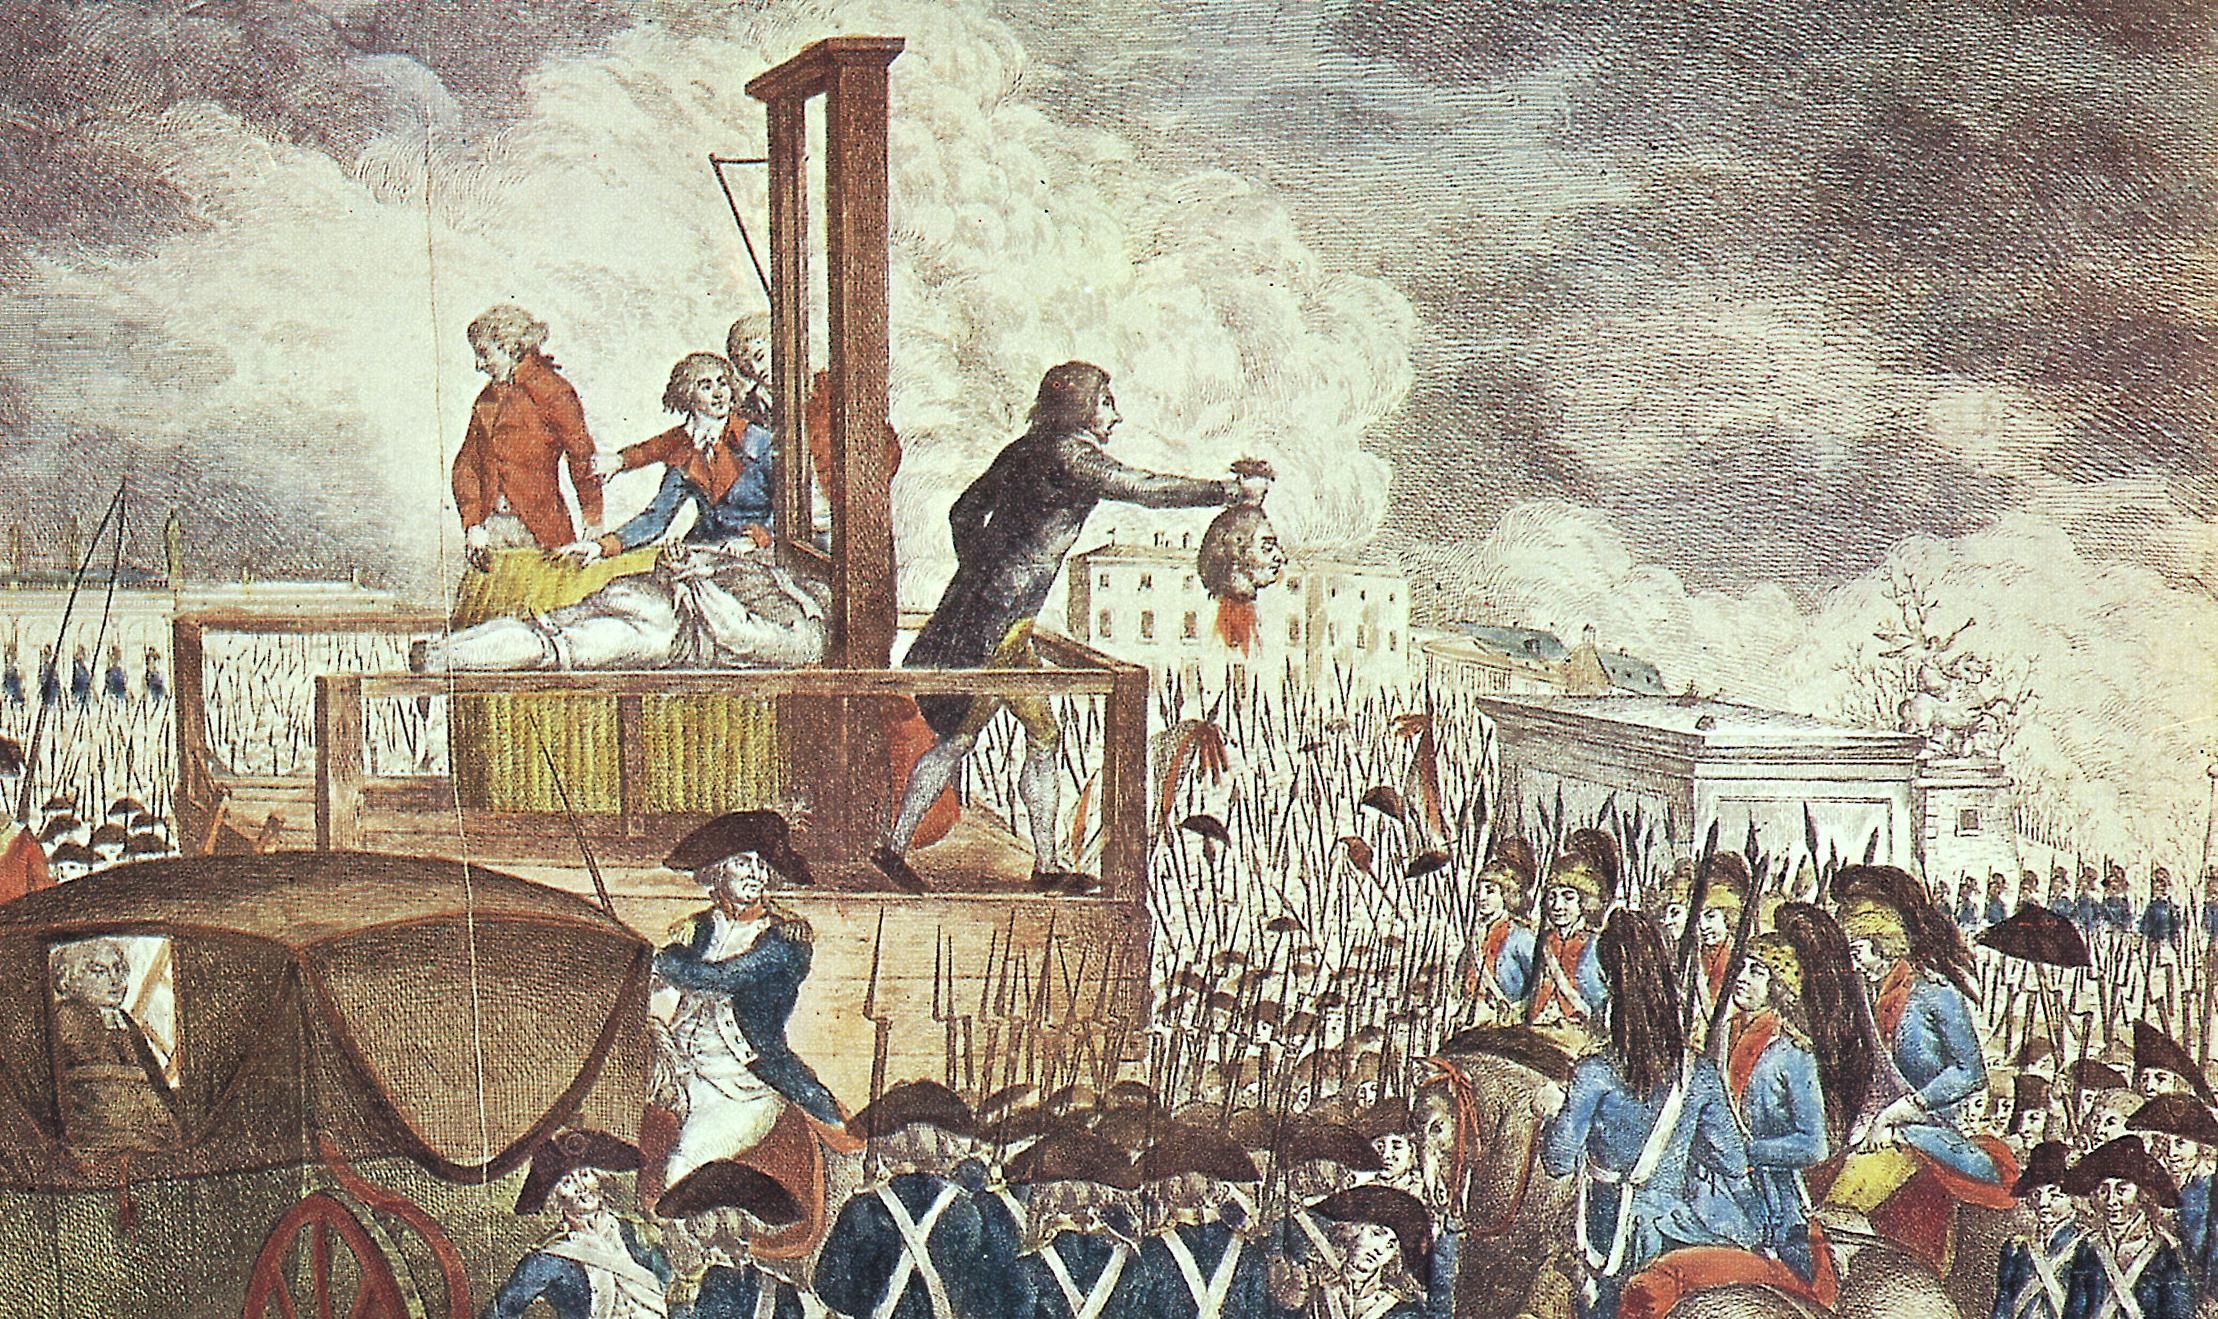 De oorsprong van de Seksuele Revolutie (1): de gedwongen 'bevrijding' door de Franse Revolutie